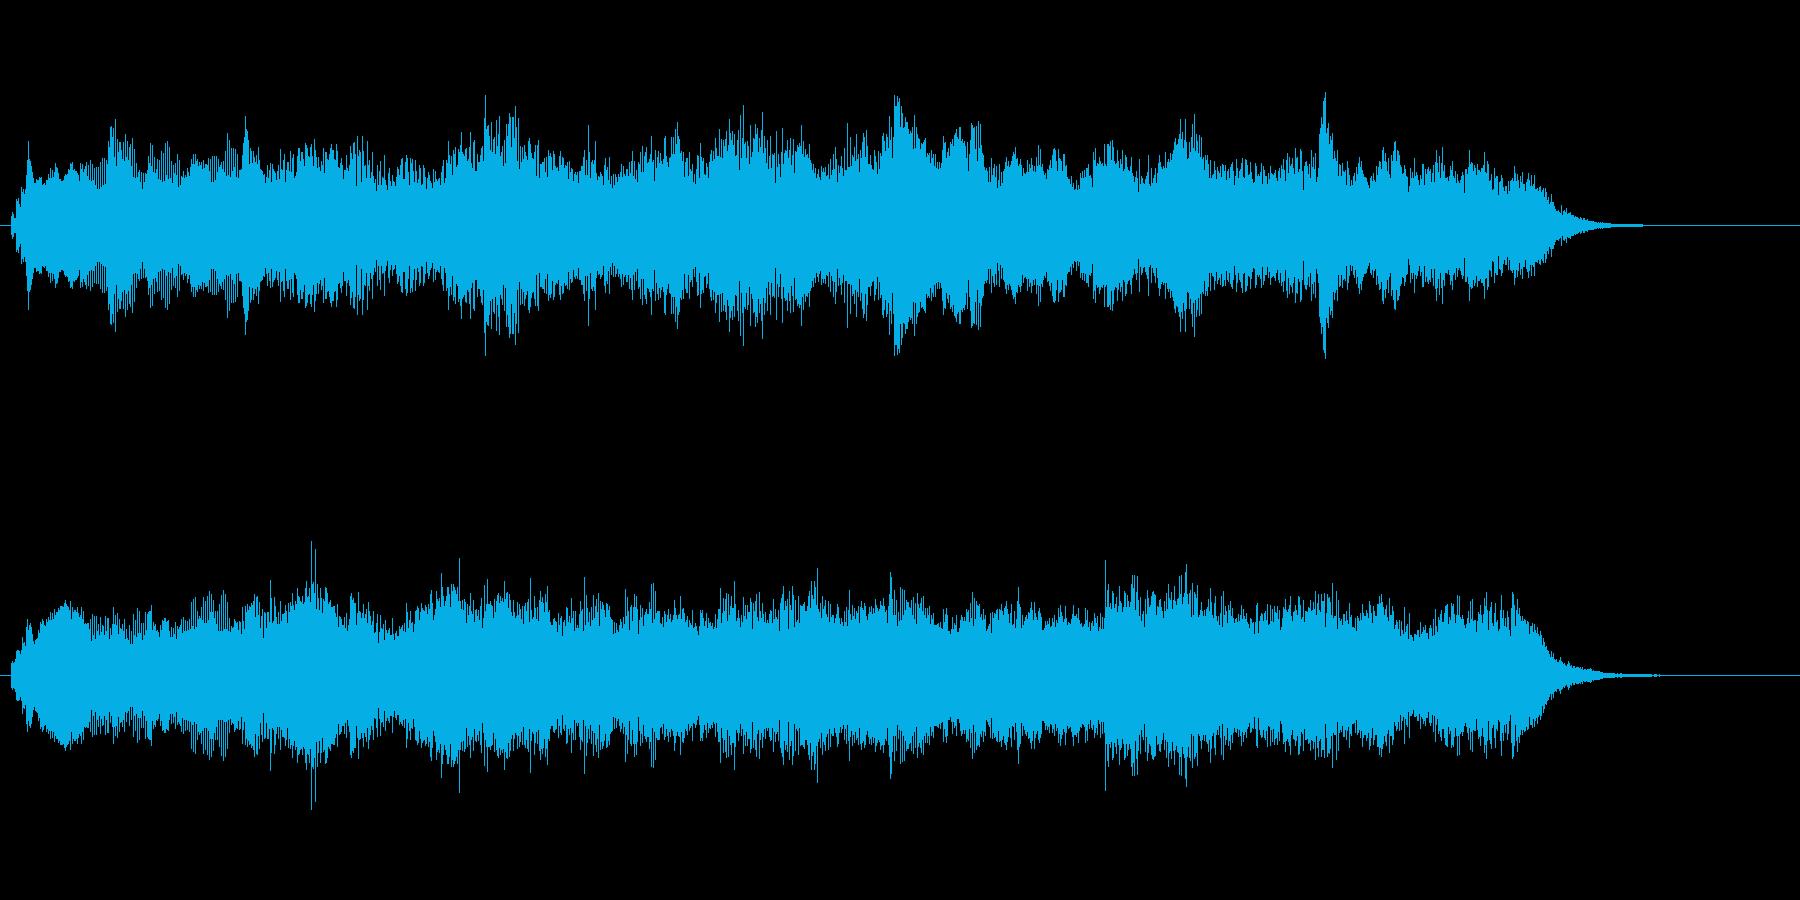 キラキラしたエレピが印象的なジングルの再生済みの波形